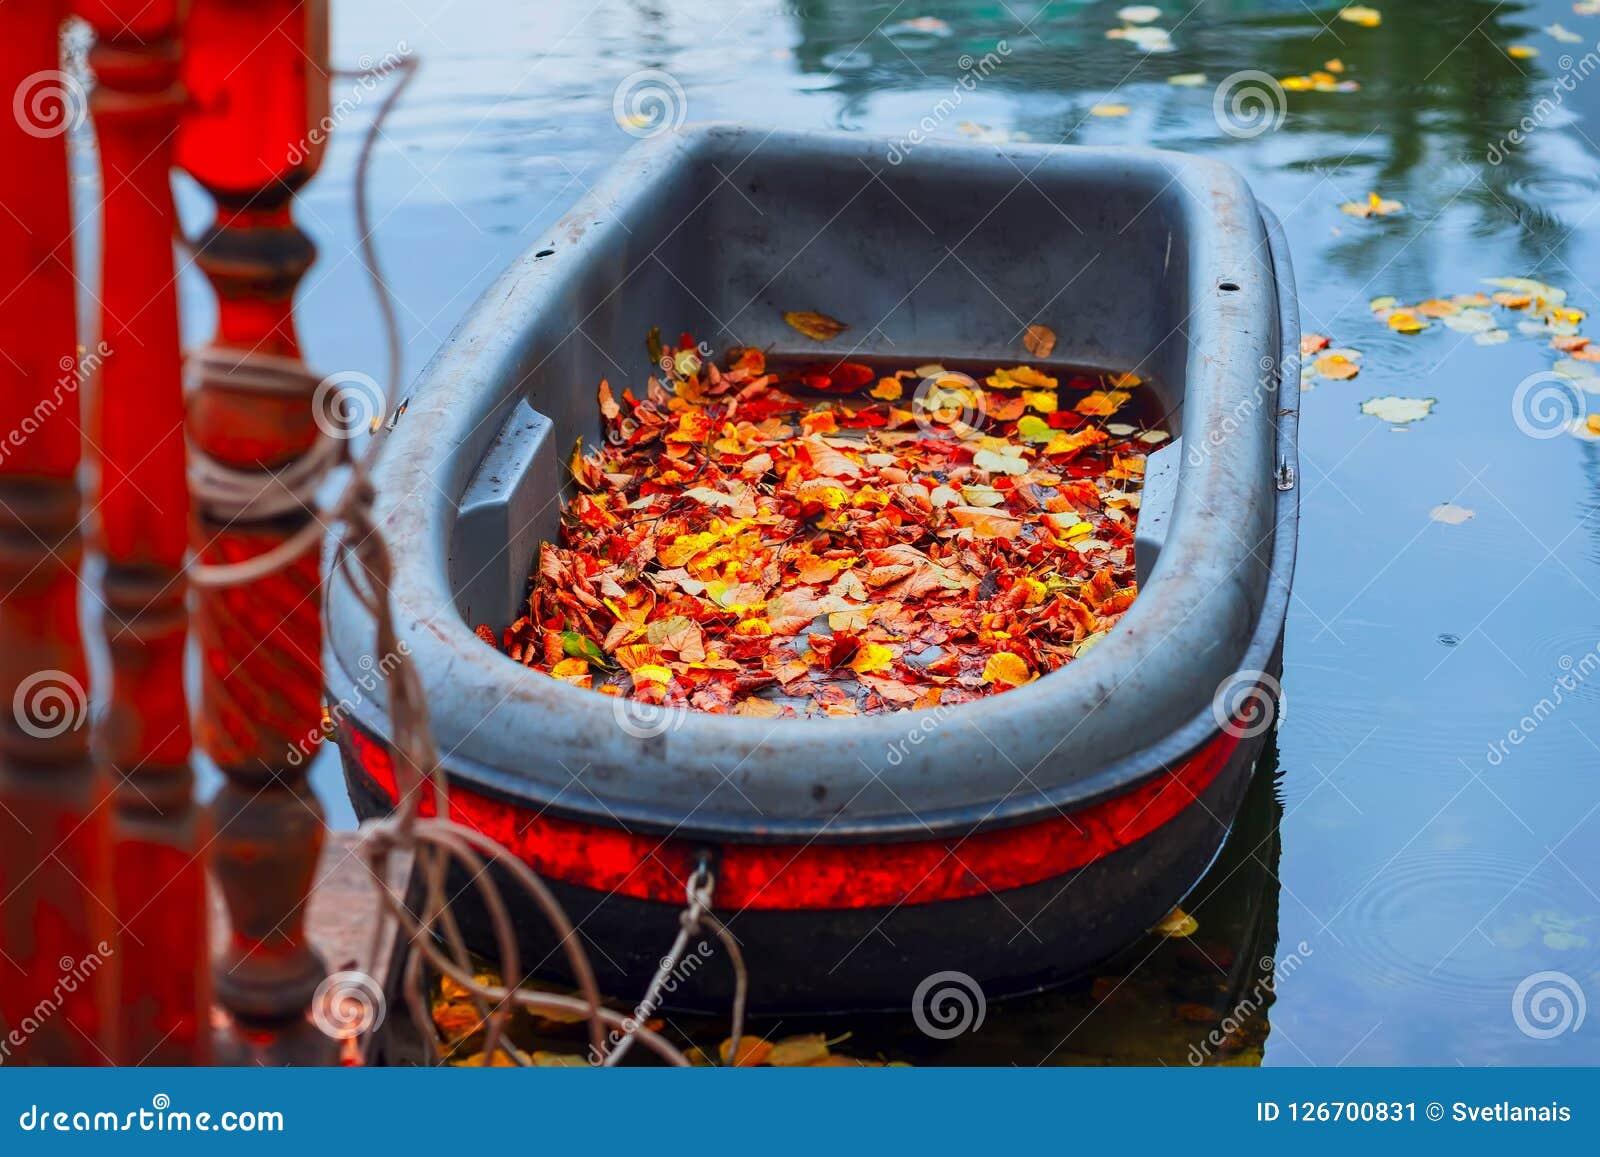 Escena brillante del otoño, barco sucio en la charca del otoño, hojas vivas caidas en la orilla, colores pintorescos de la natura